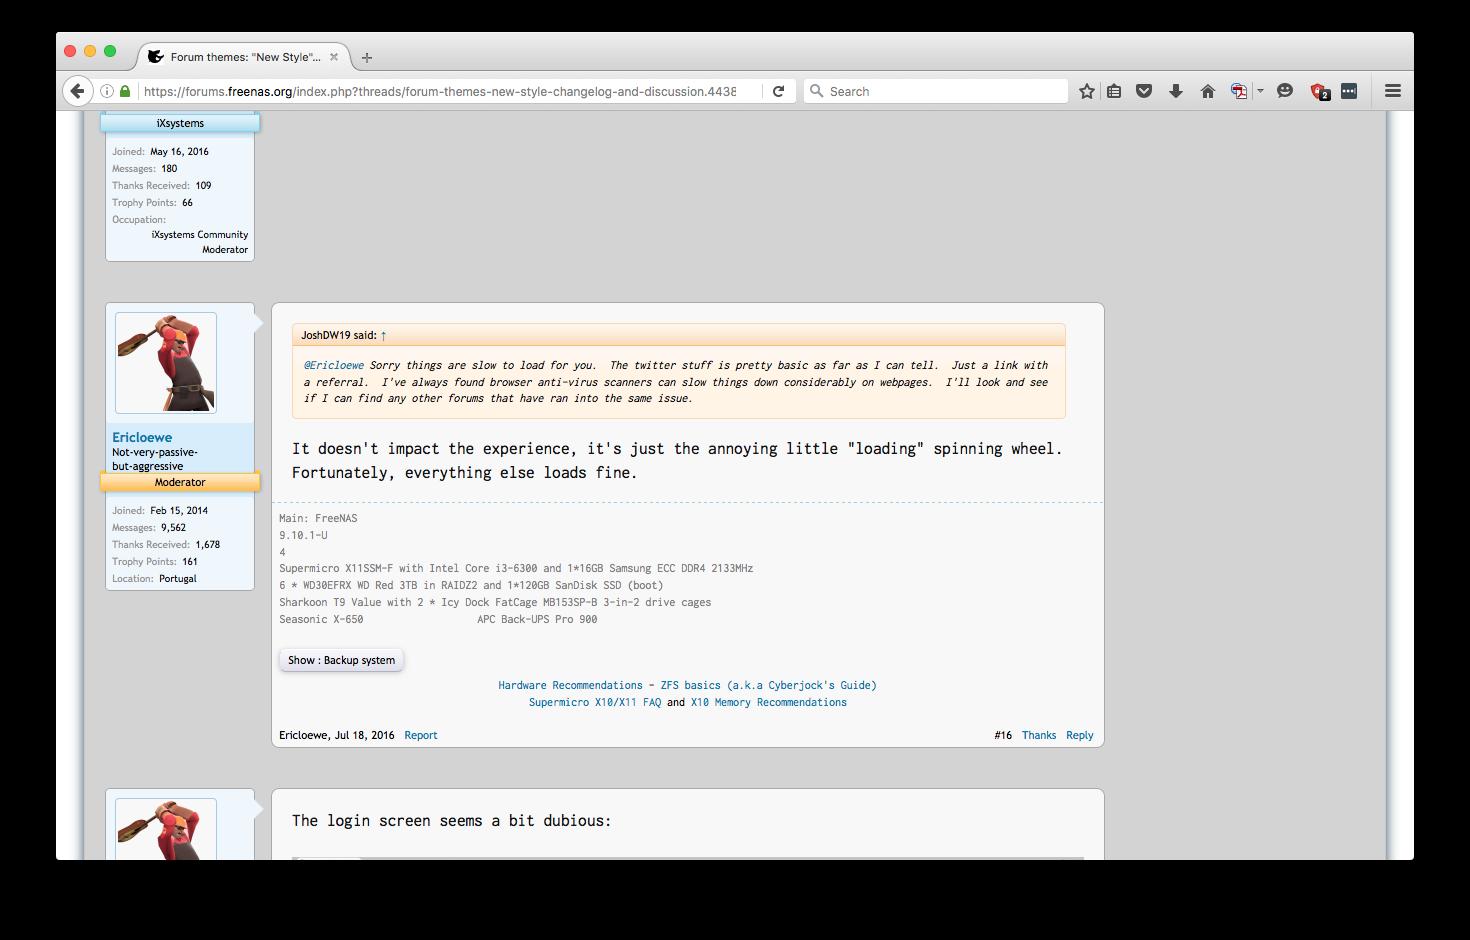 XenForo 1 x Forum themes: